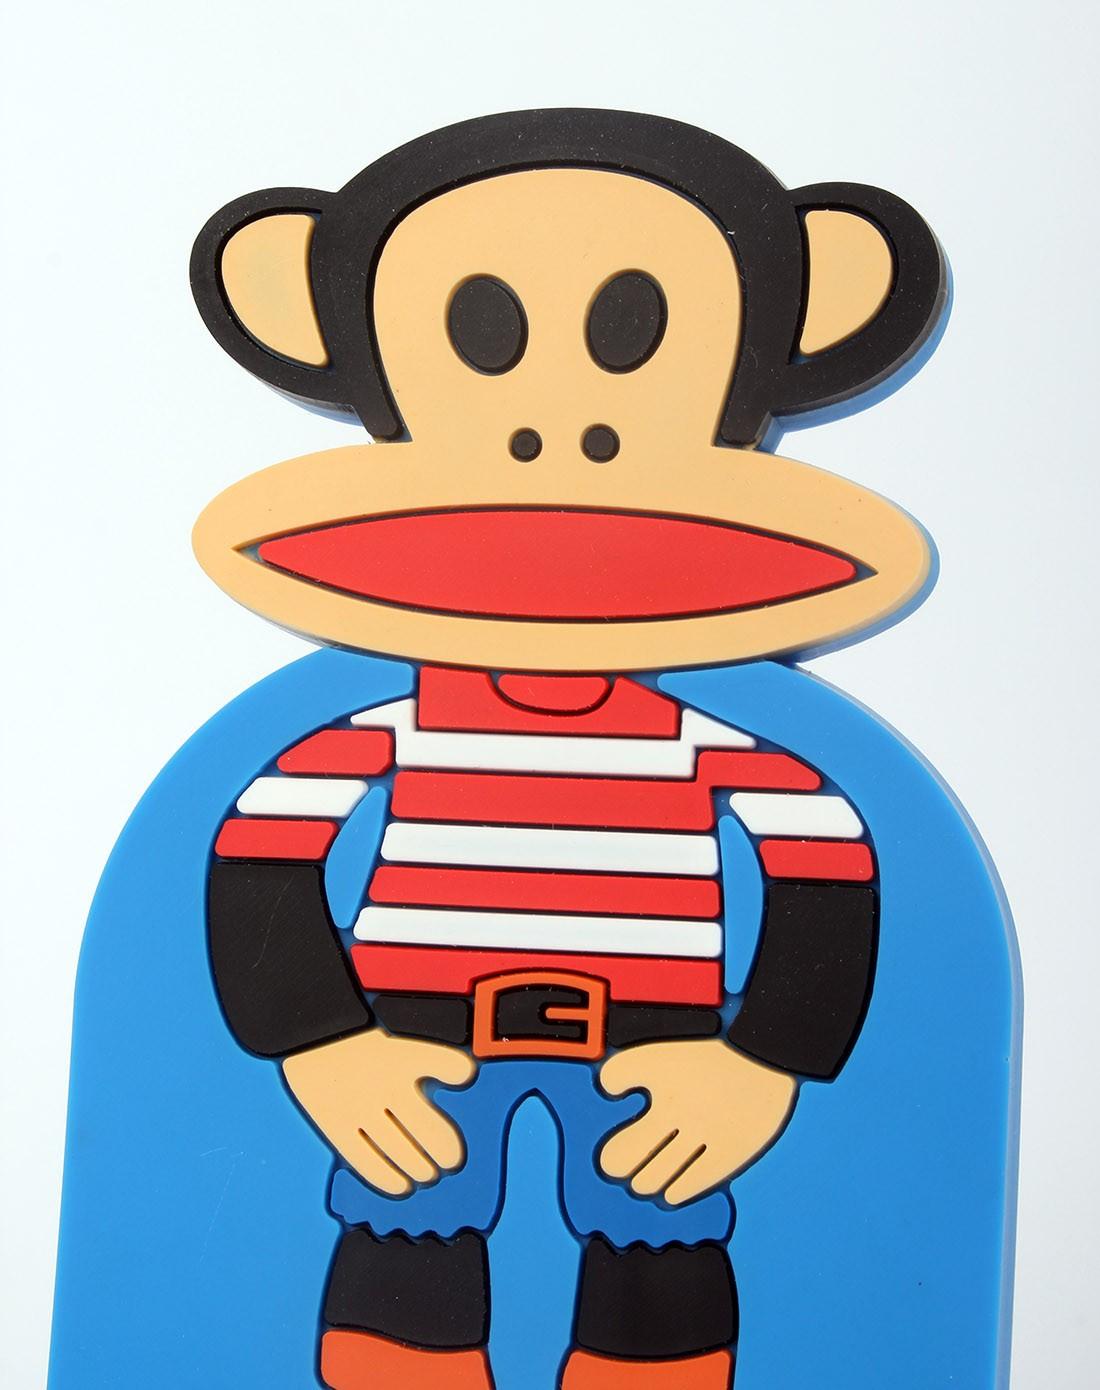 创意卡通猴子橡胶手机支架